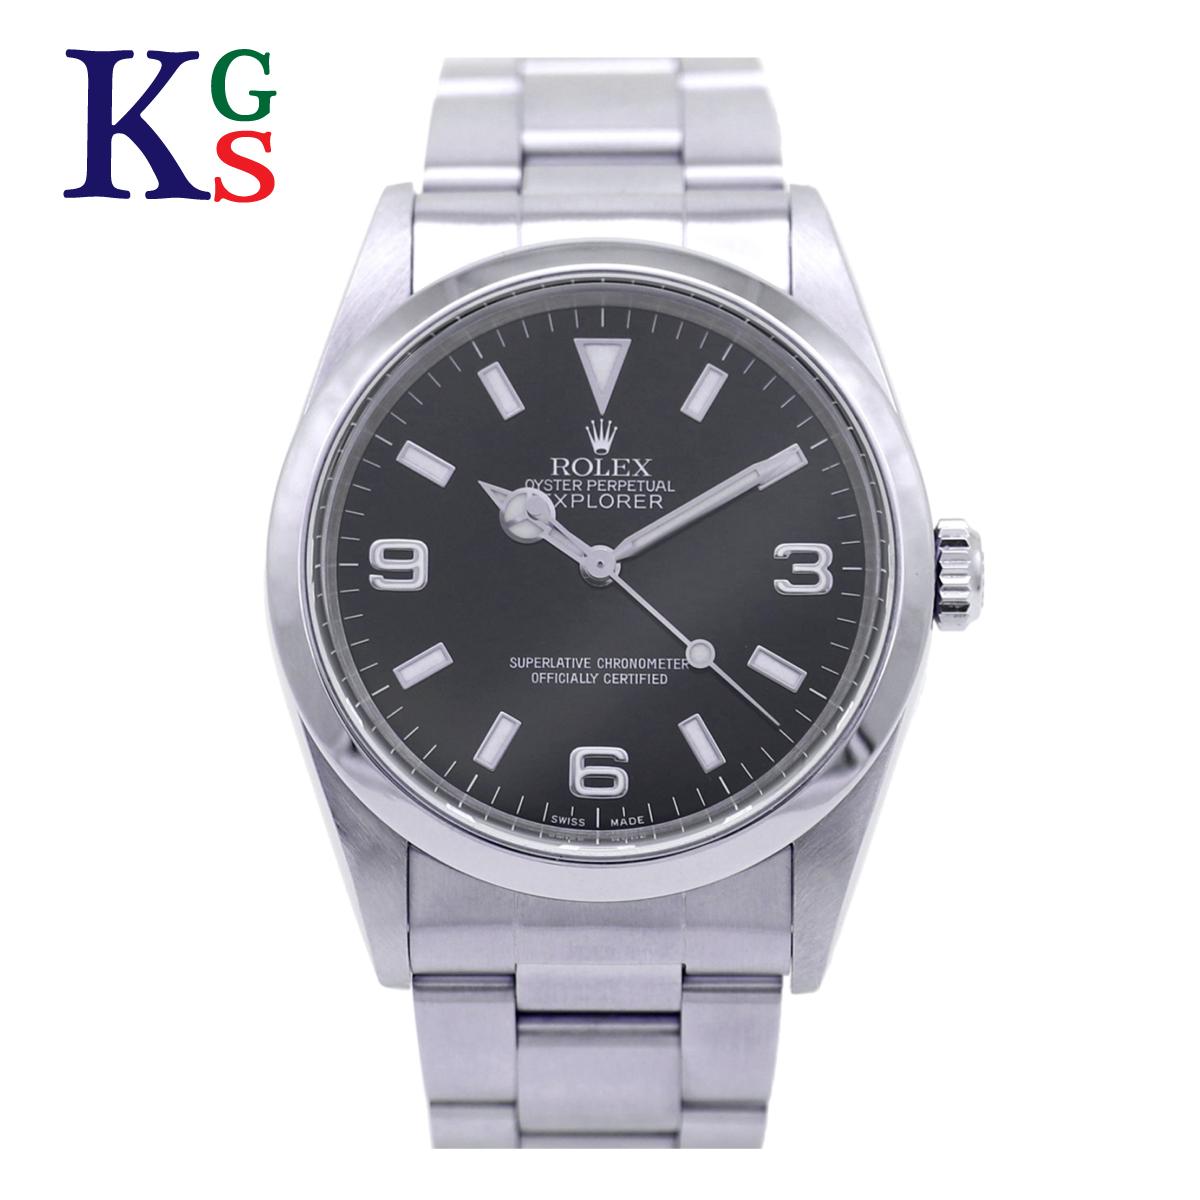 【ギフトランク】ロレックス/ROLEX メンズ 腕時計 エクスプローラー1 ブラック文字盤 ステンレススチール スポーツモデル 14270